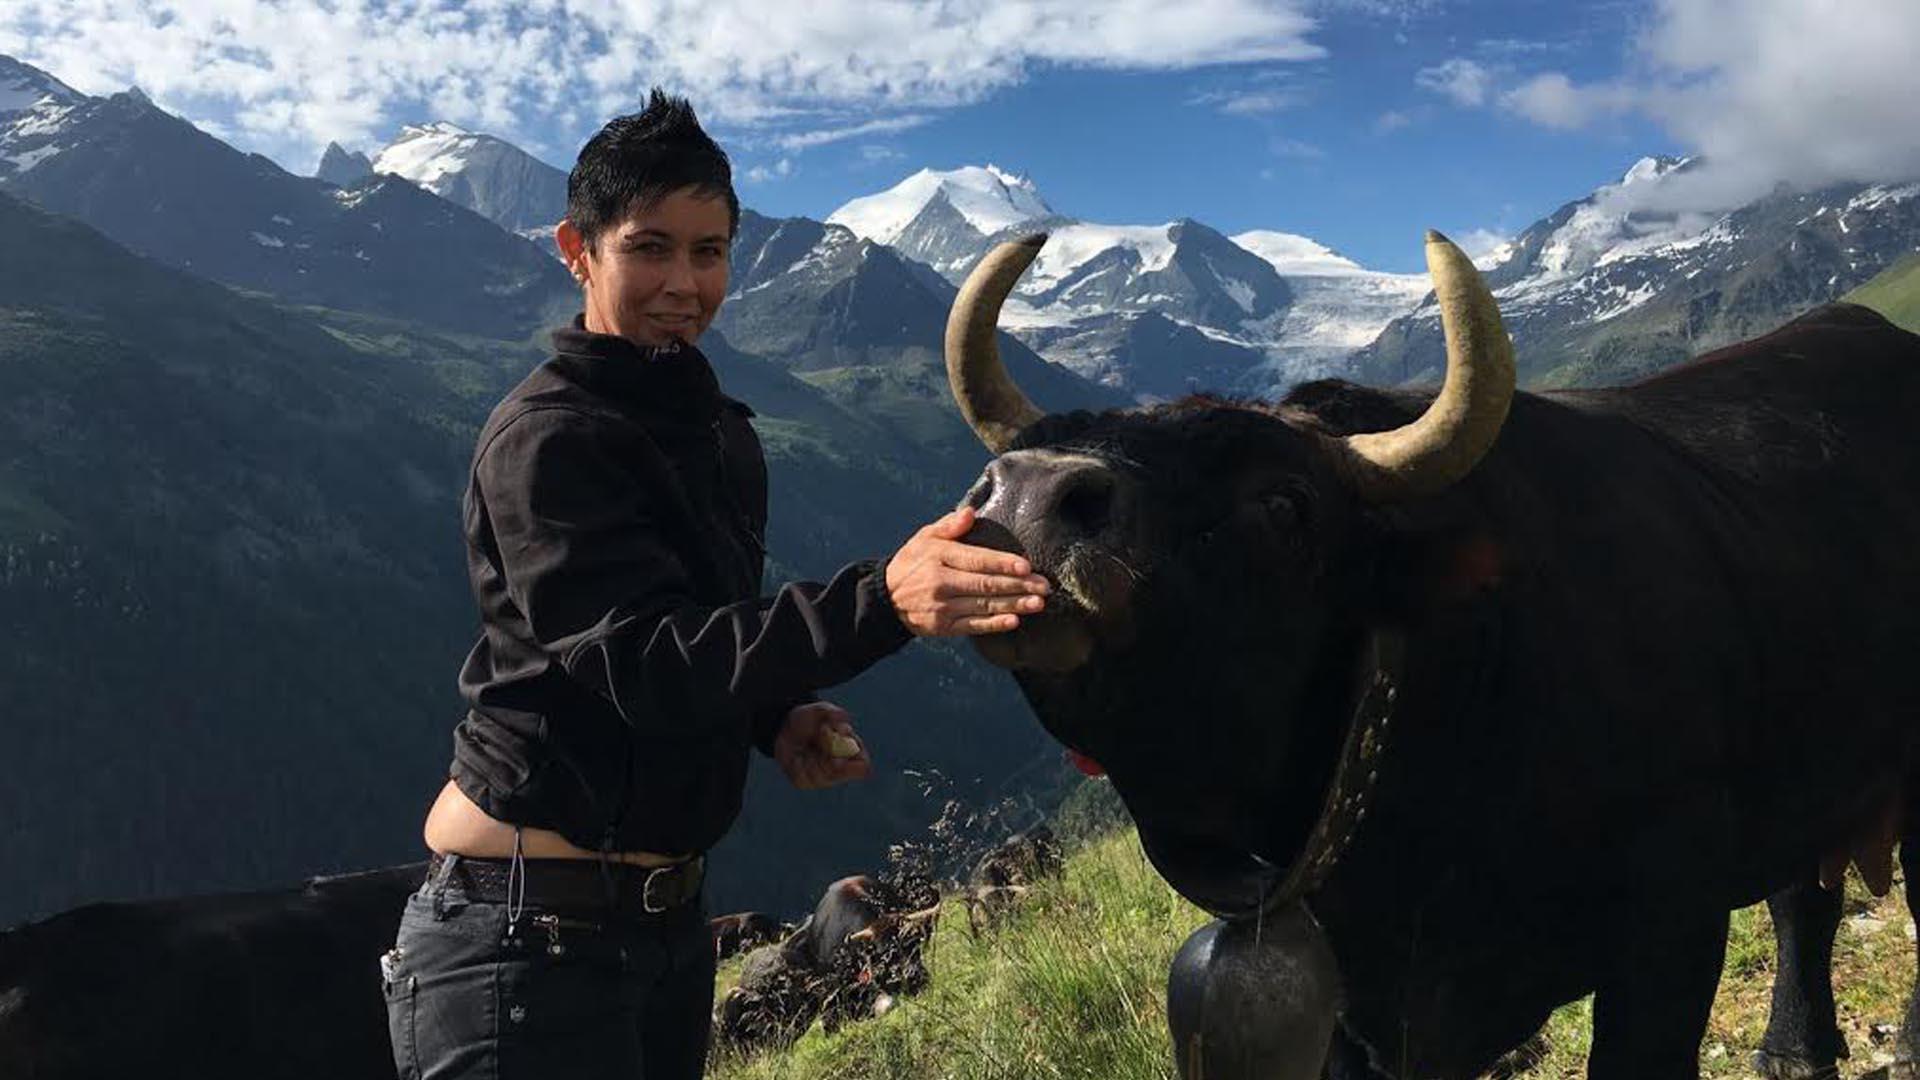 certificado de empleador bolivia profesor de youtube premio nobel